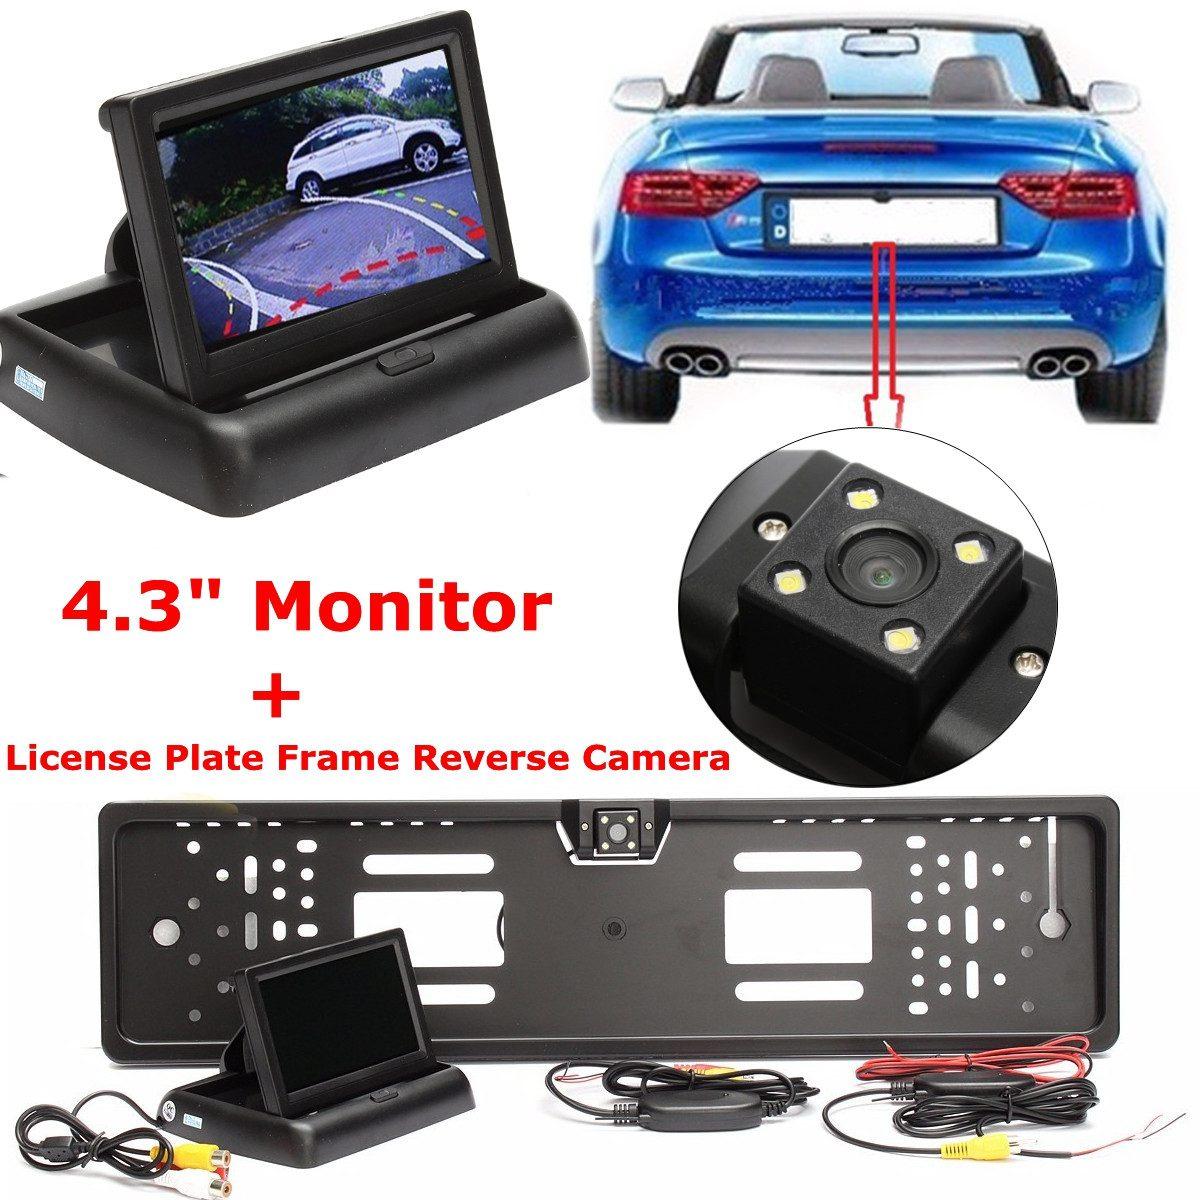 Автомобильный CCD HD светодиодный экран 4,3 дюйма, беспроводная автомобильная рамка для номерного знака, камера заднего вида с ночным видением,